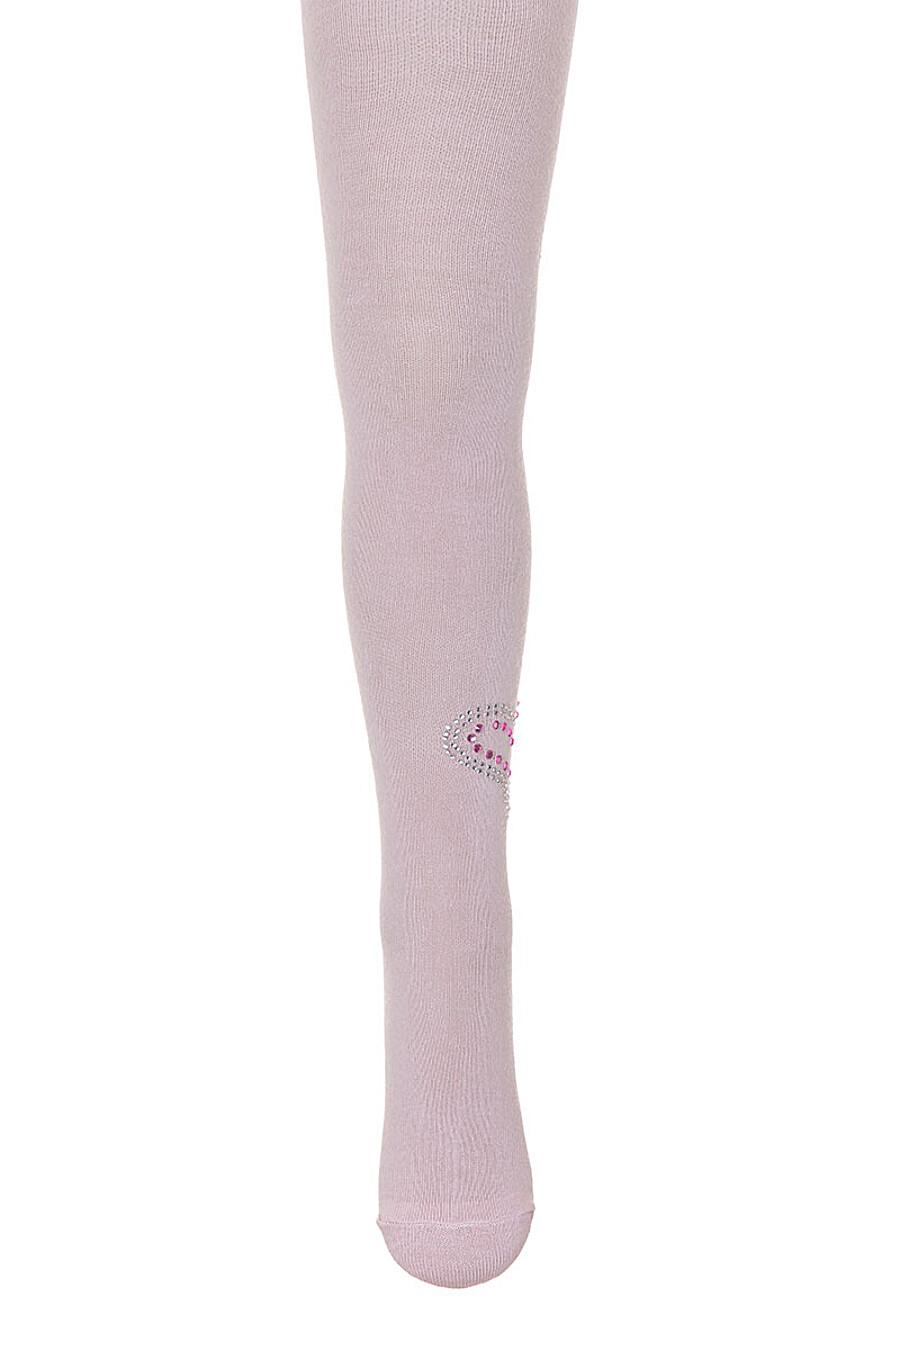 Колготки для девочек PE.CHITTO 169488 купить оптом от производителя. Совместная покупка детской одежды в OptMoyo